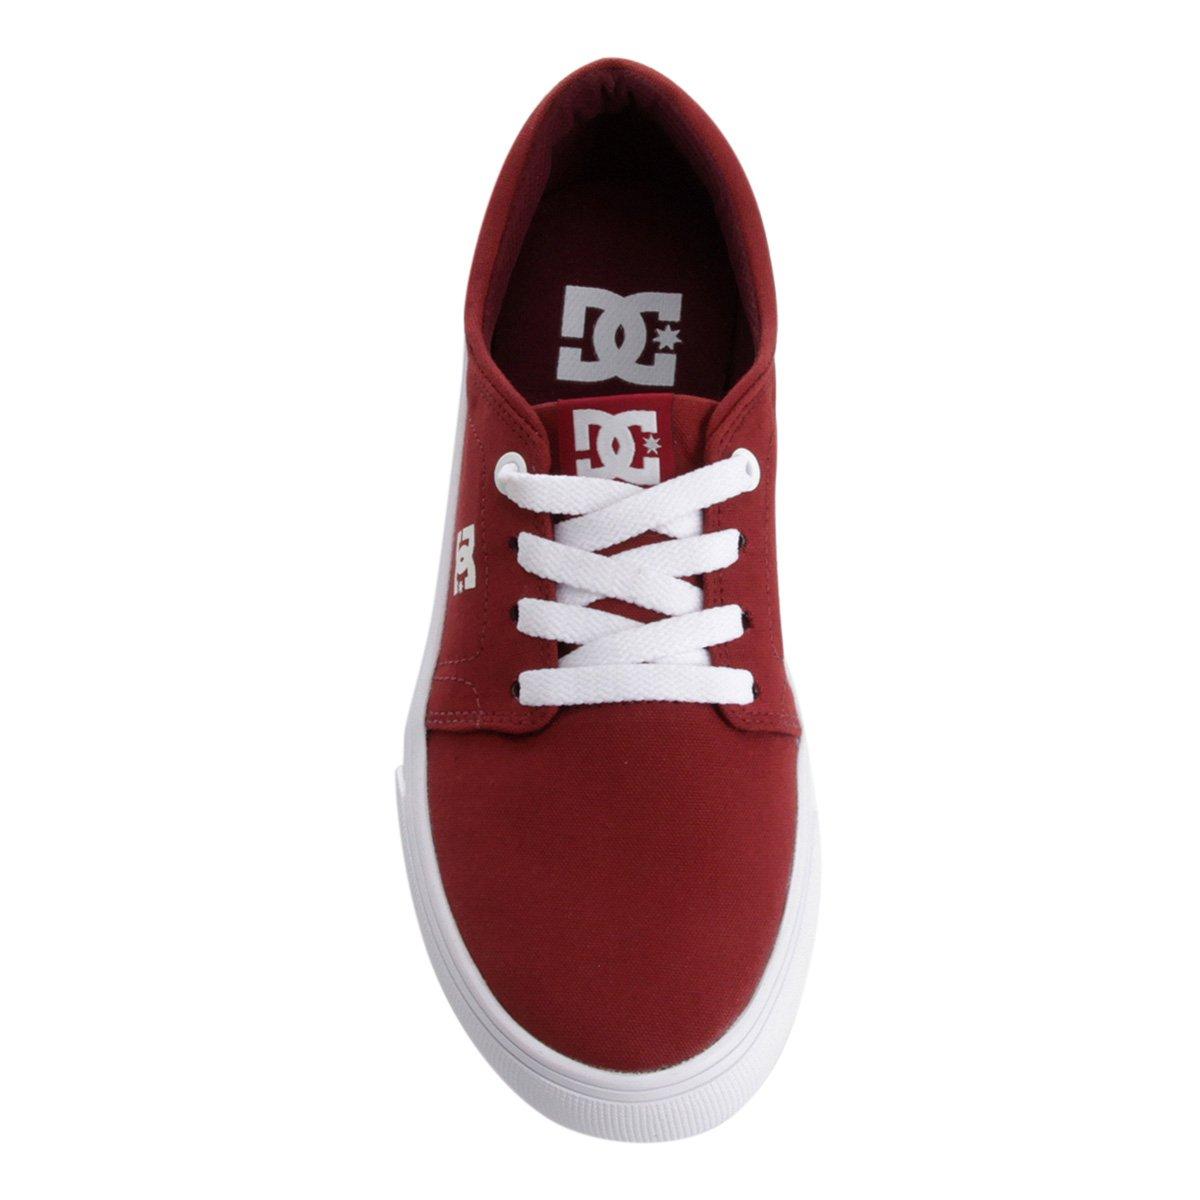 Vermelho Tx Shoes Shoes Trase Tênis Tx DC e DC Tênis Feminino Branco Vermelho Feminino Trase vAw7g